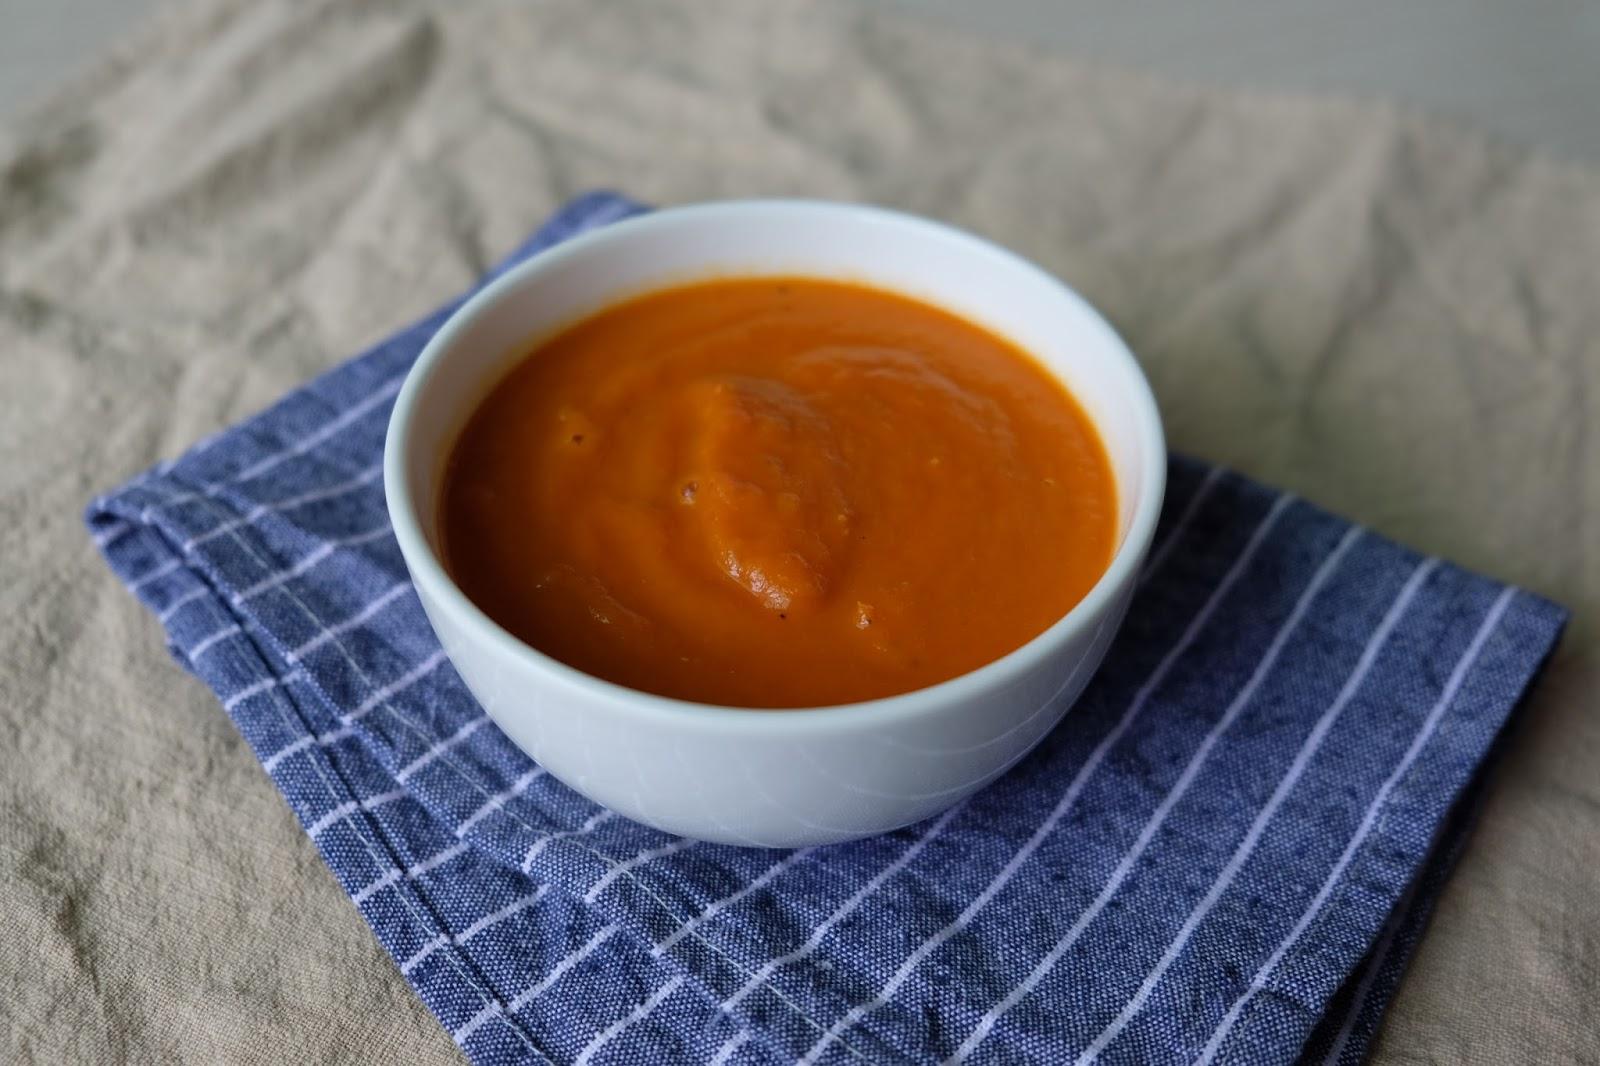 自家廚房|此生受用料理系列 — 新鮮番茄保存術之百搭義大利麵紅醬(附食譜)